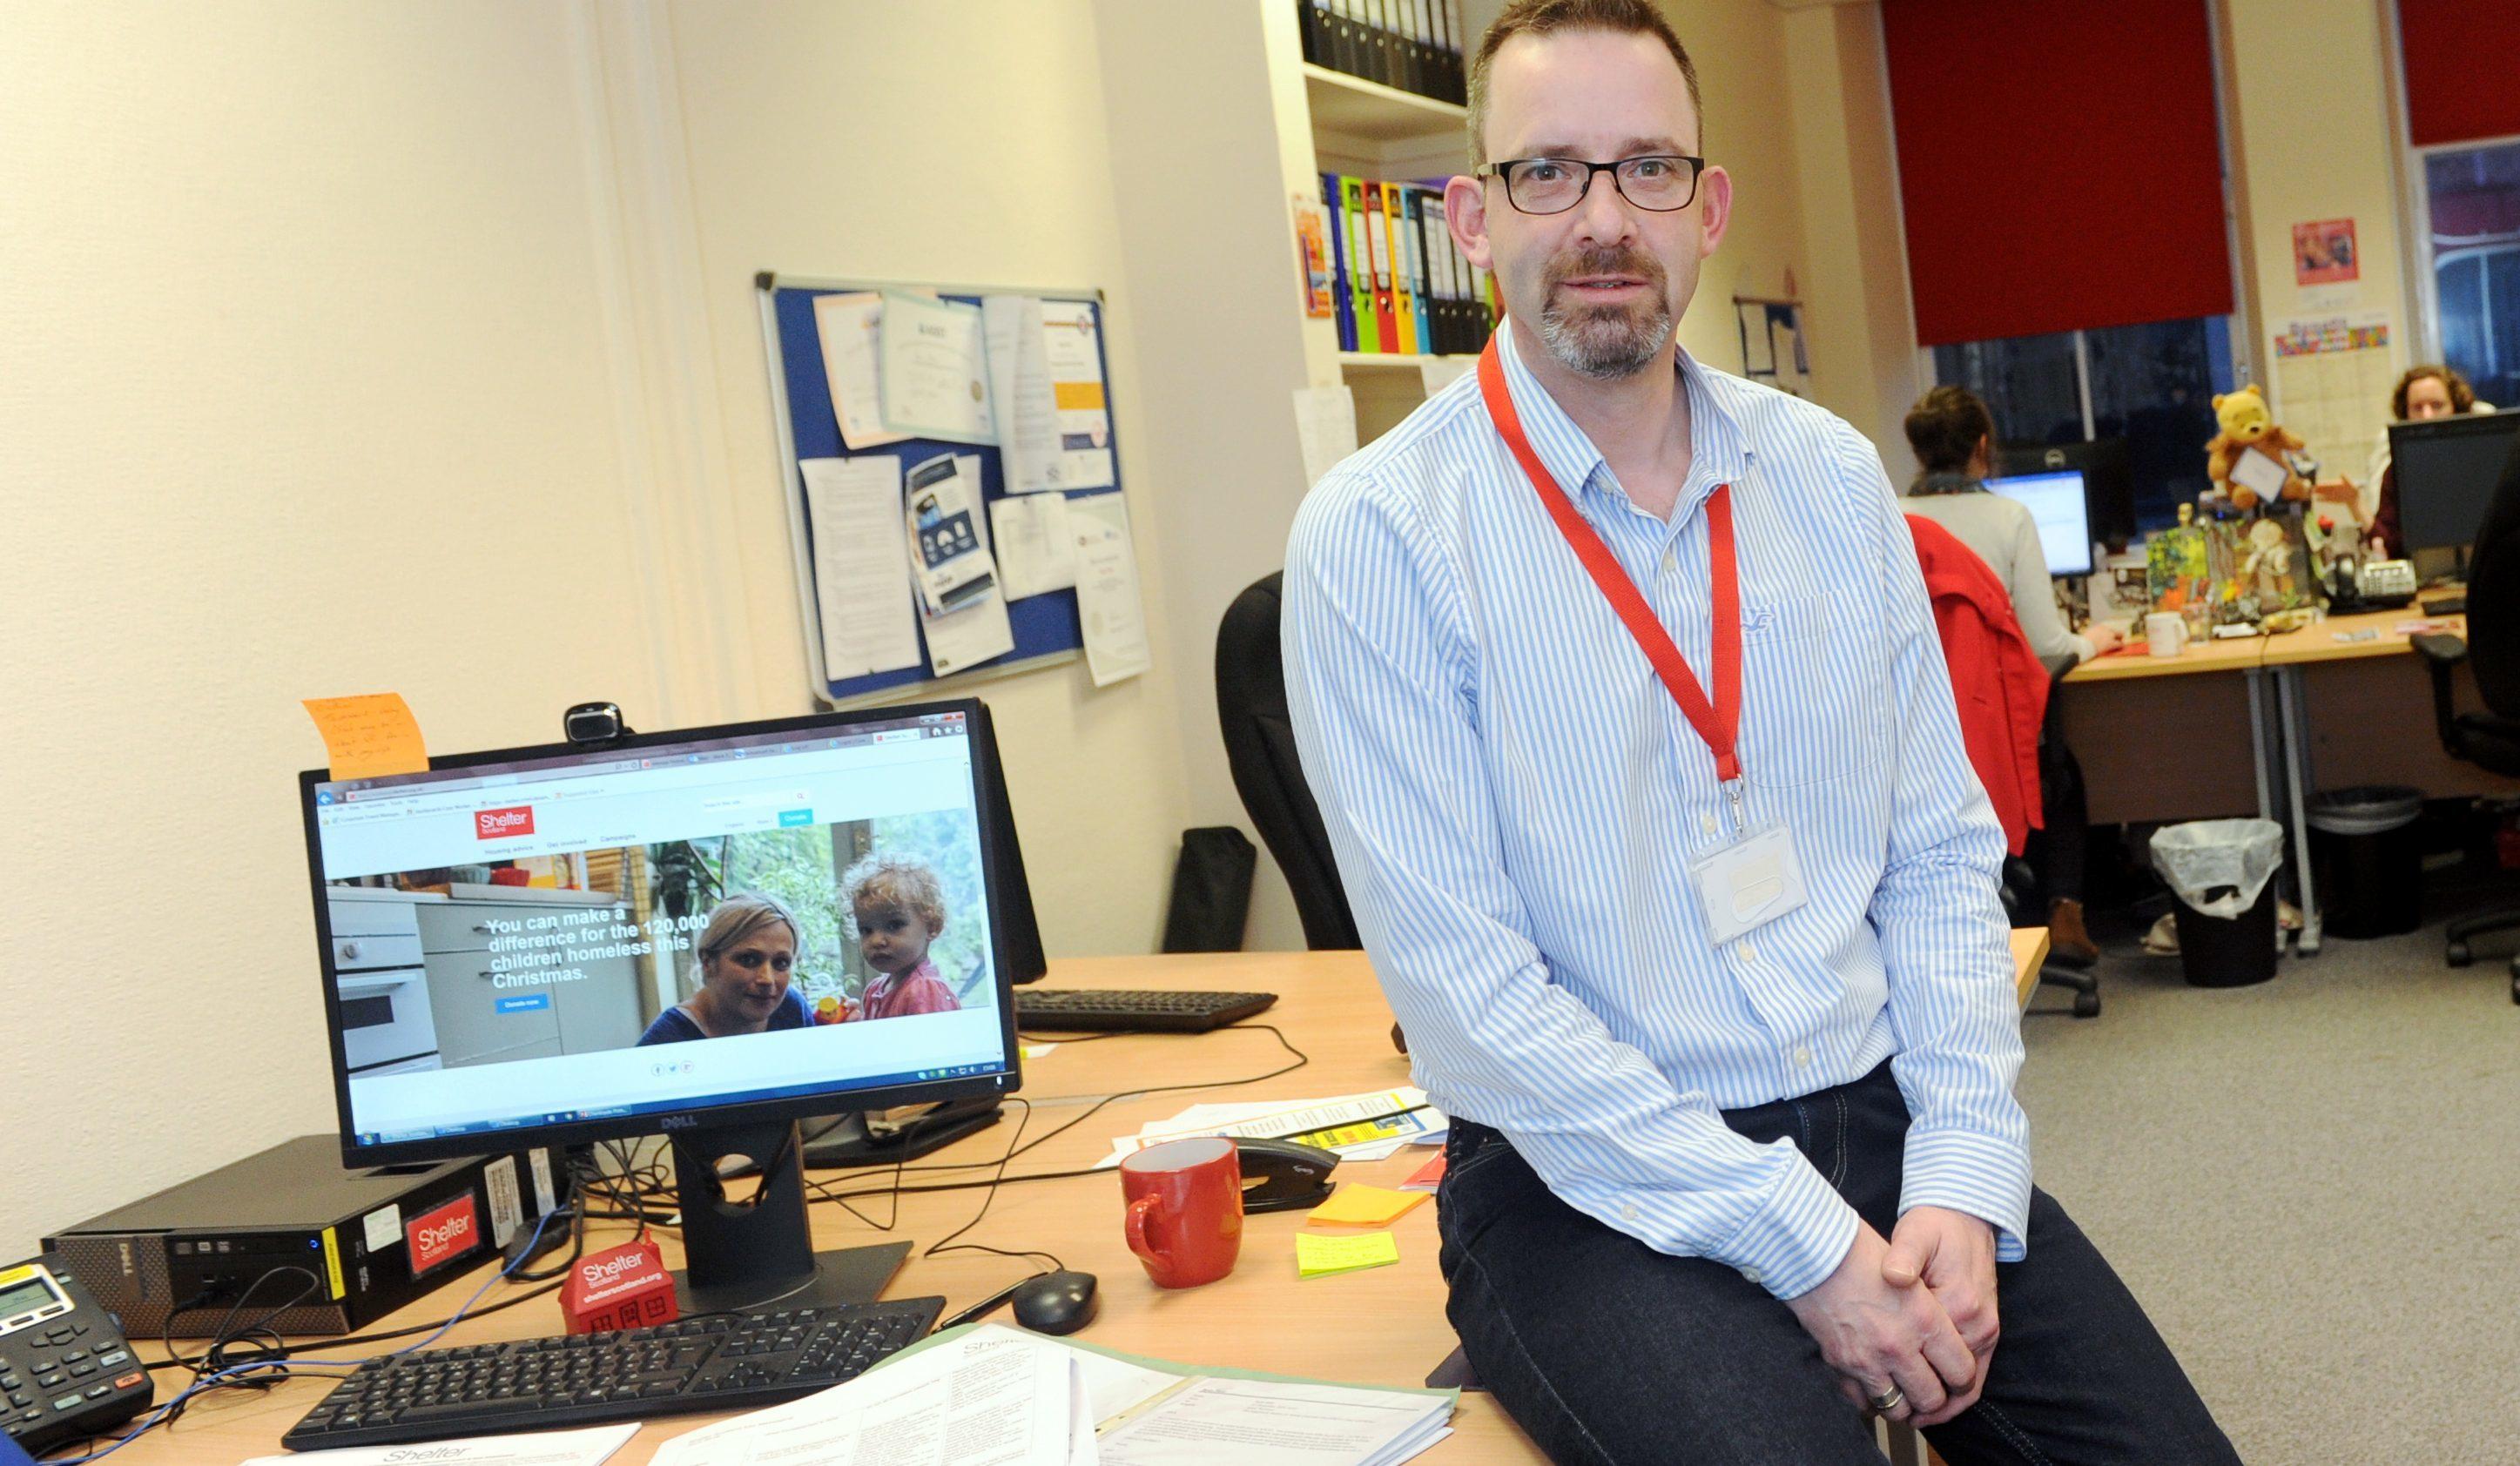 Mark has been visiting schools to help children understand homelessness.